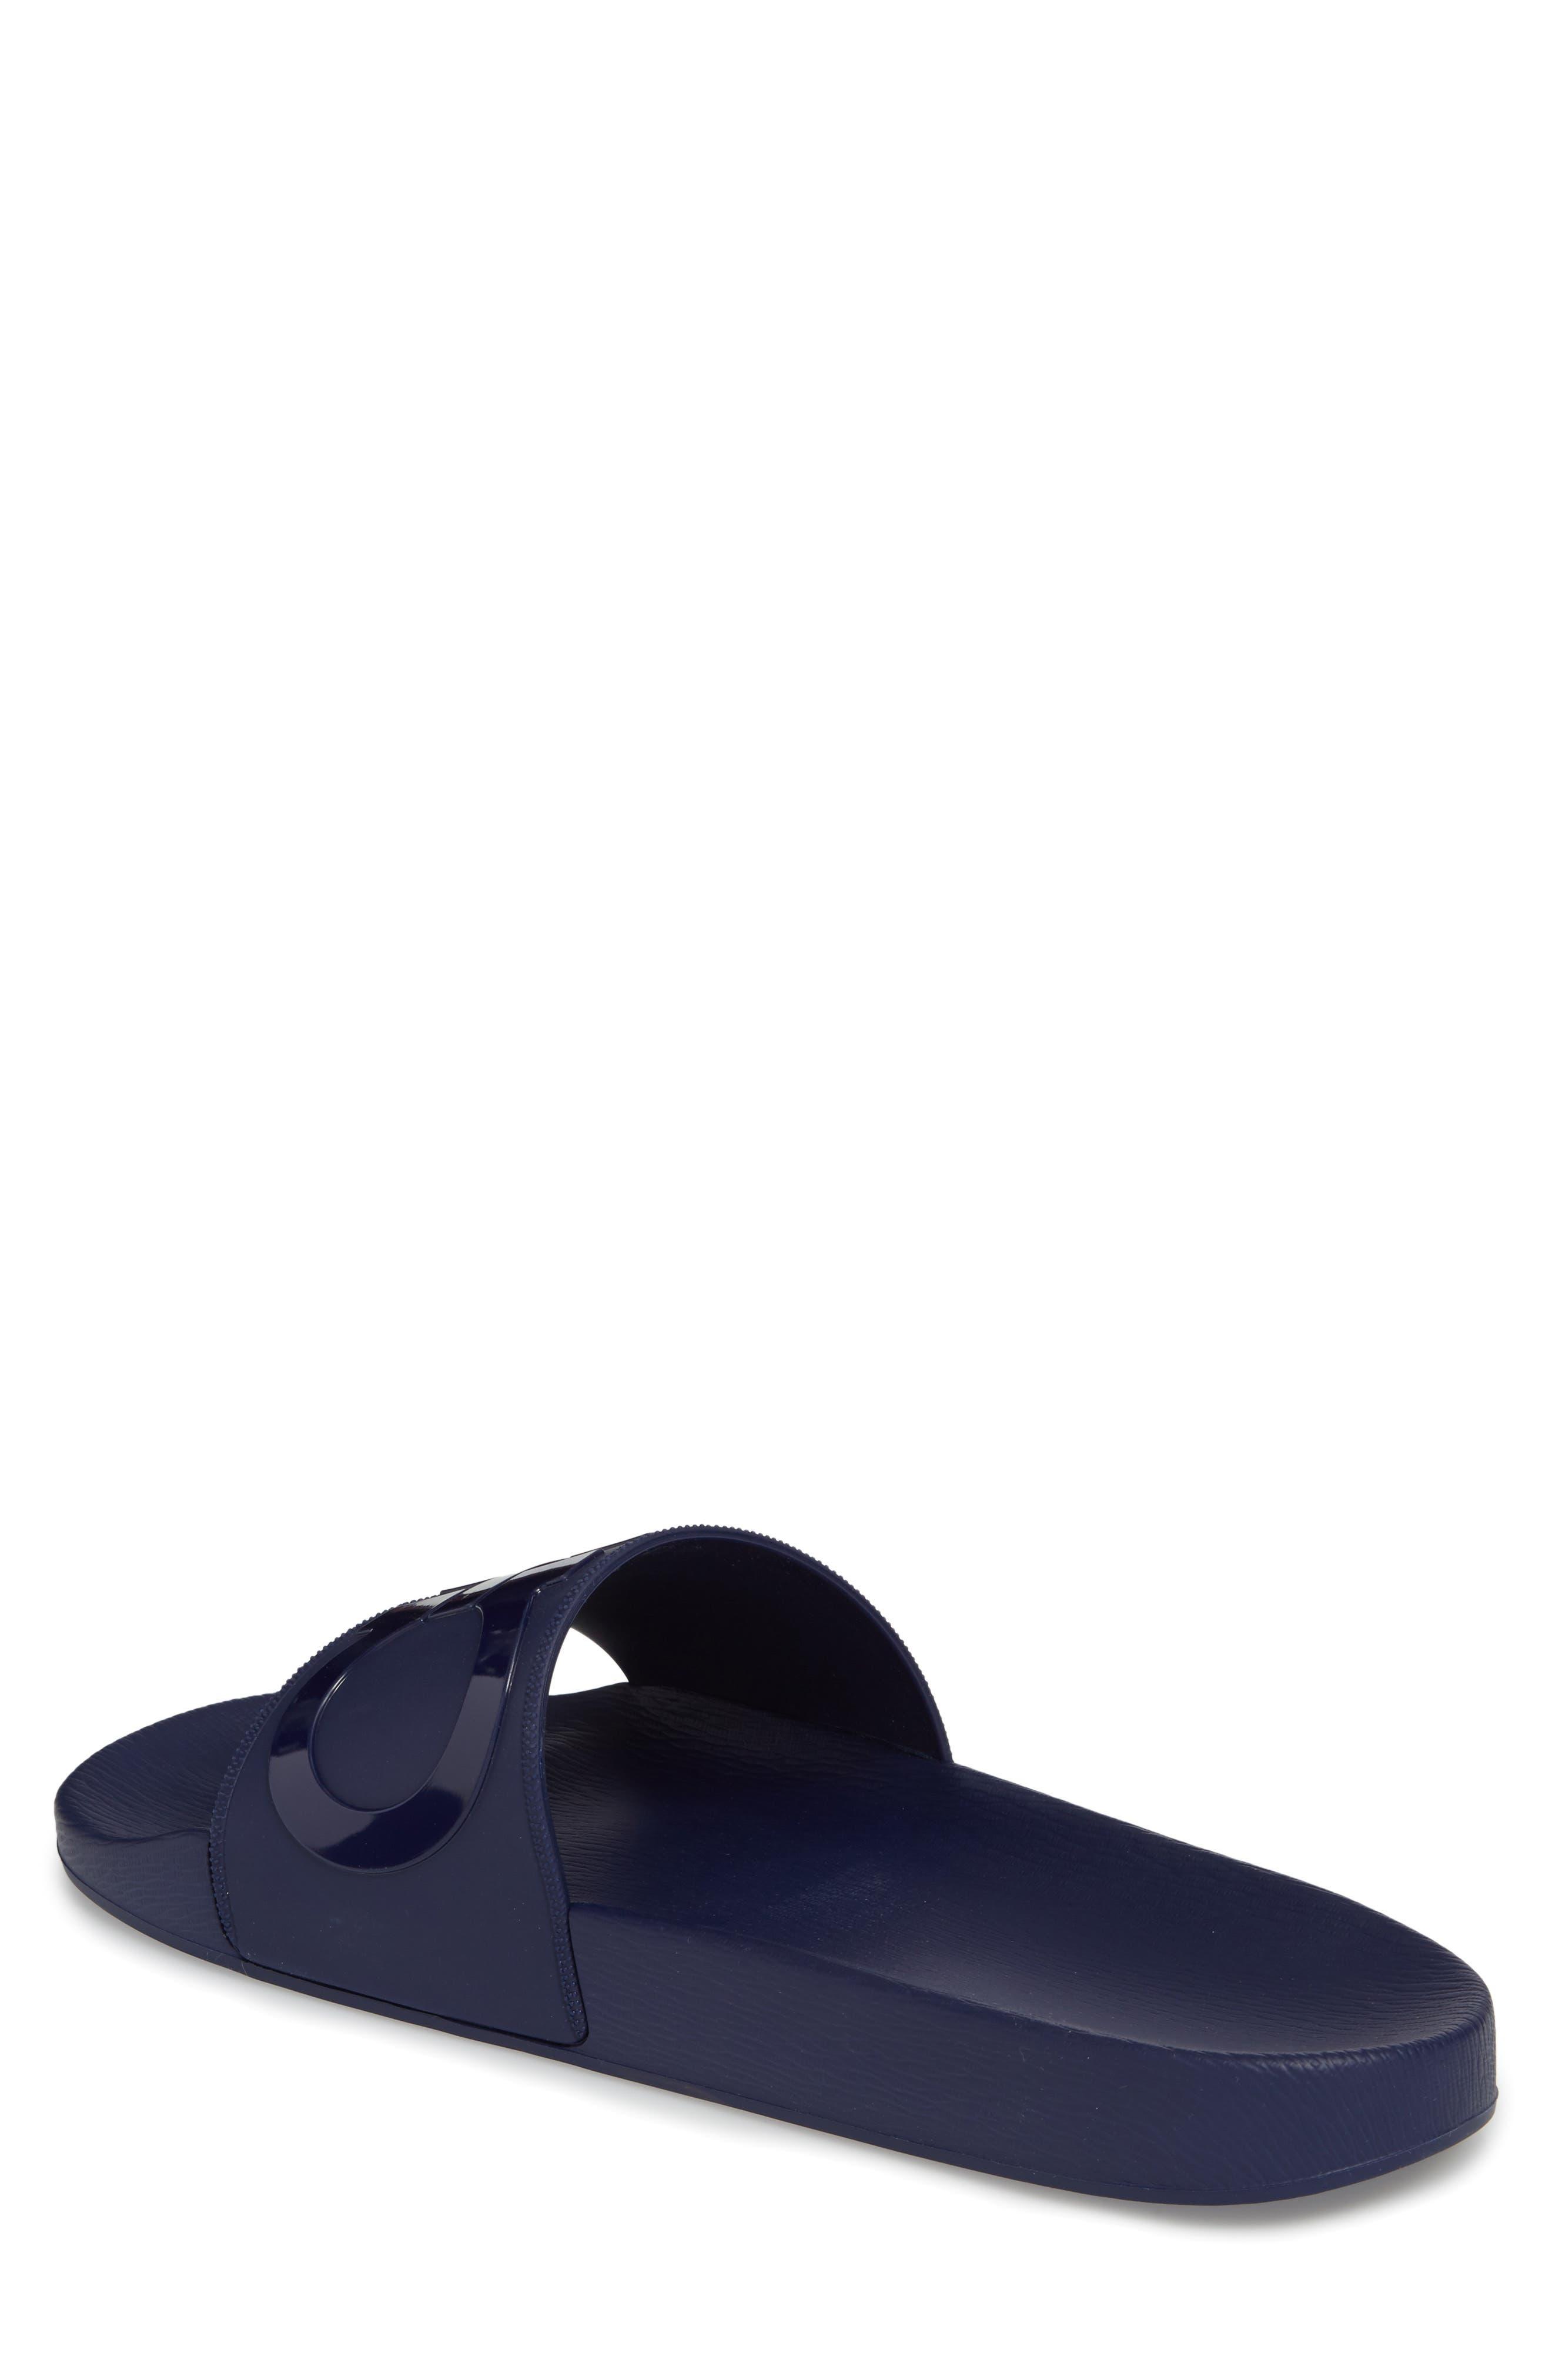 Groove 2 Slide Sandal,                             Alternate thumbnail 2, color,                             Navy